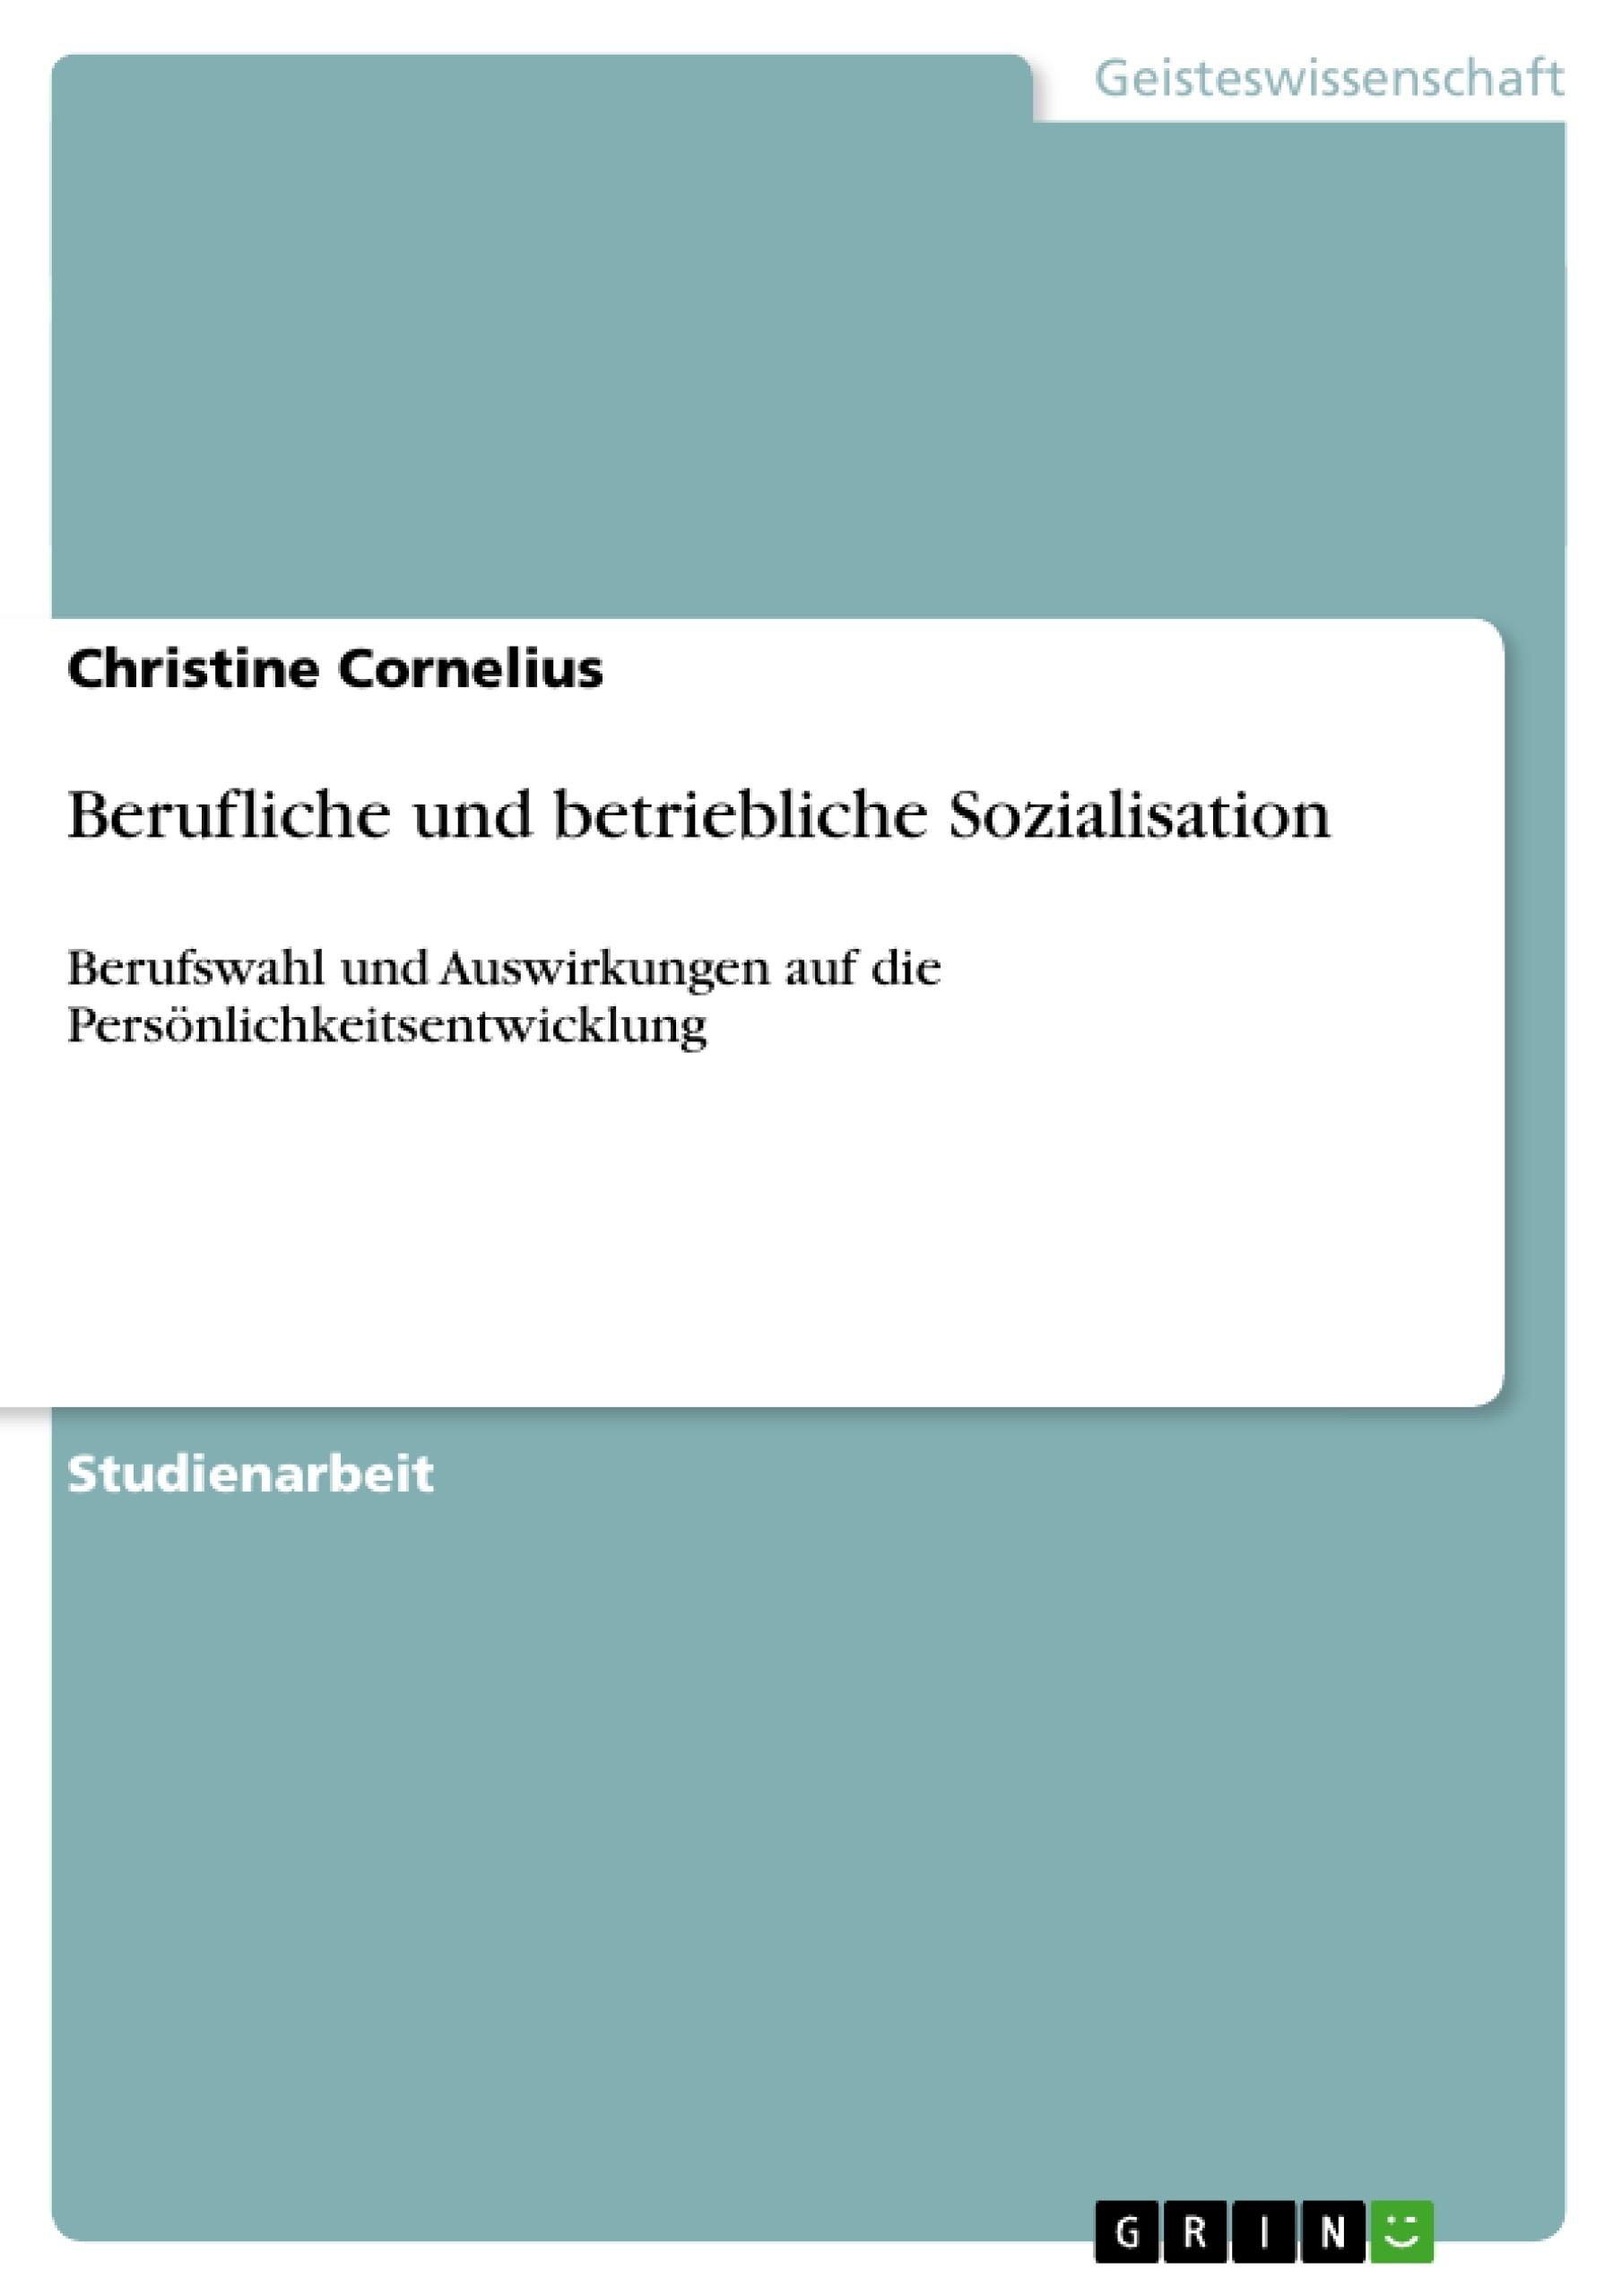 Titel: Berufliche und betriebliche Sozialisation